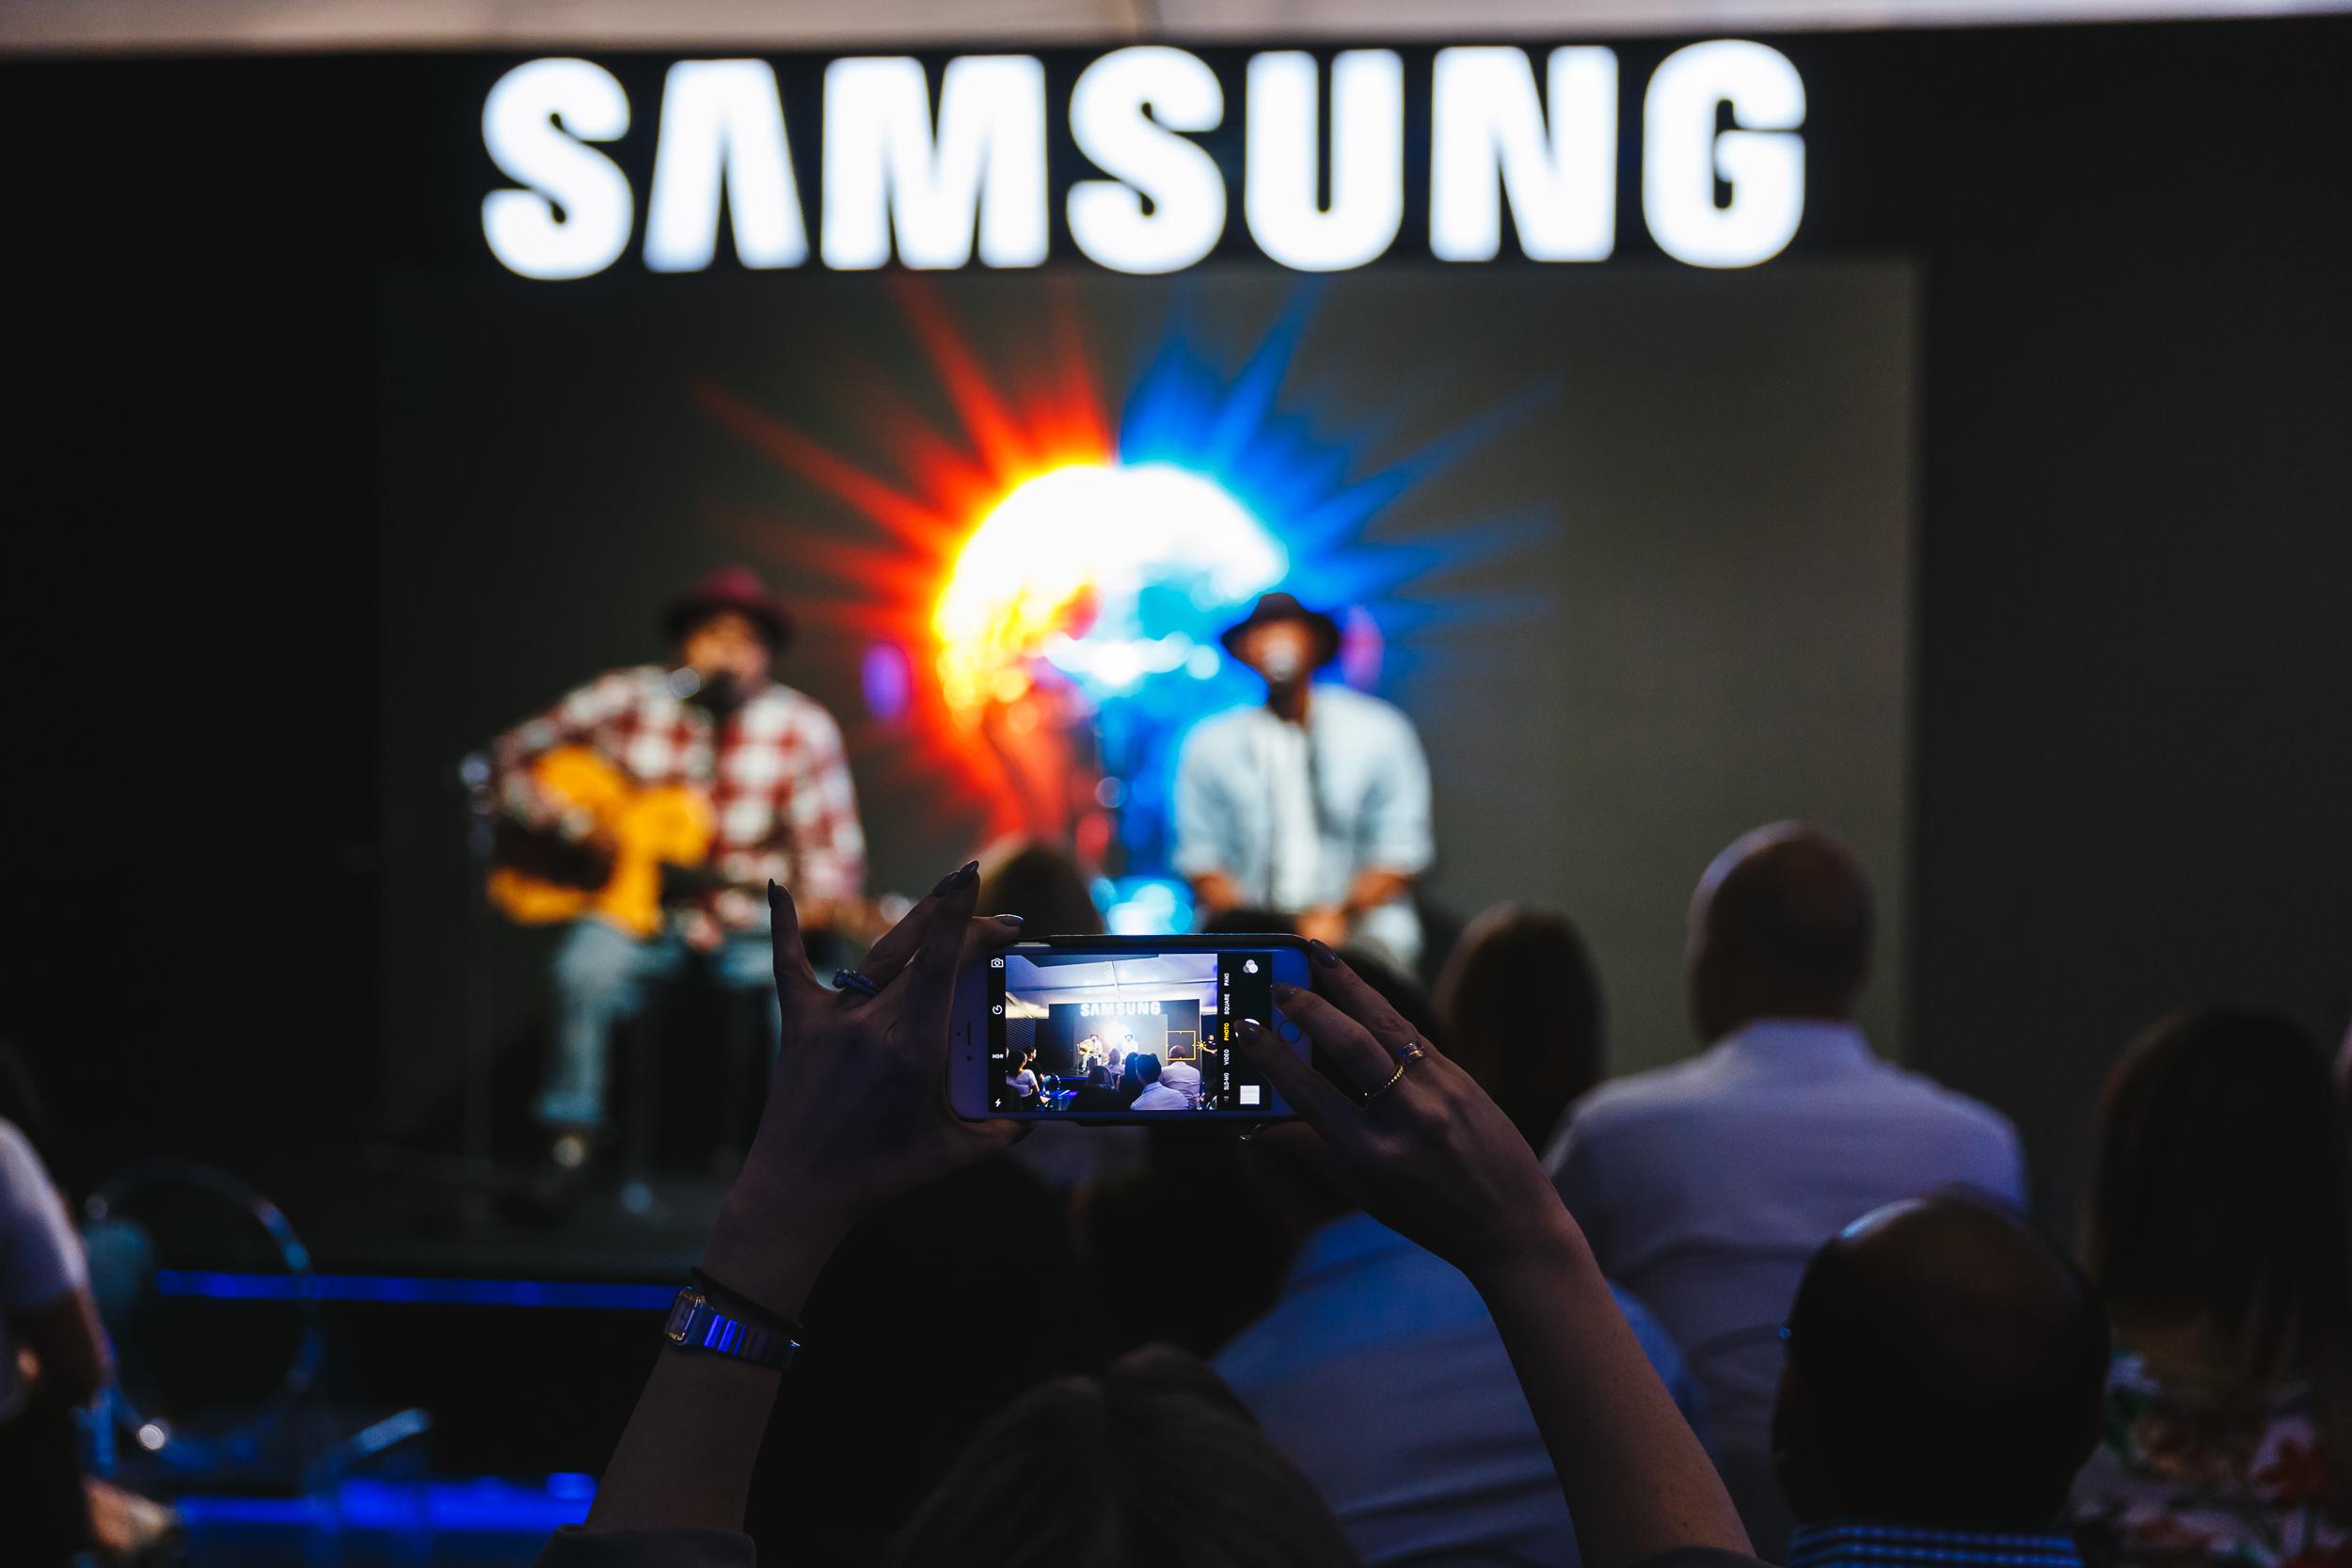 Samsung-Galaxy-Life-photo8.jpg